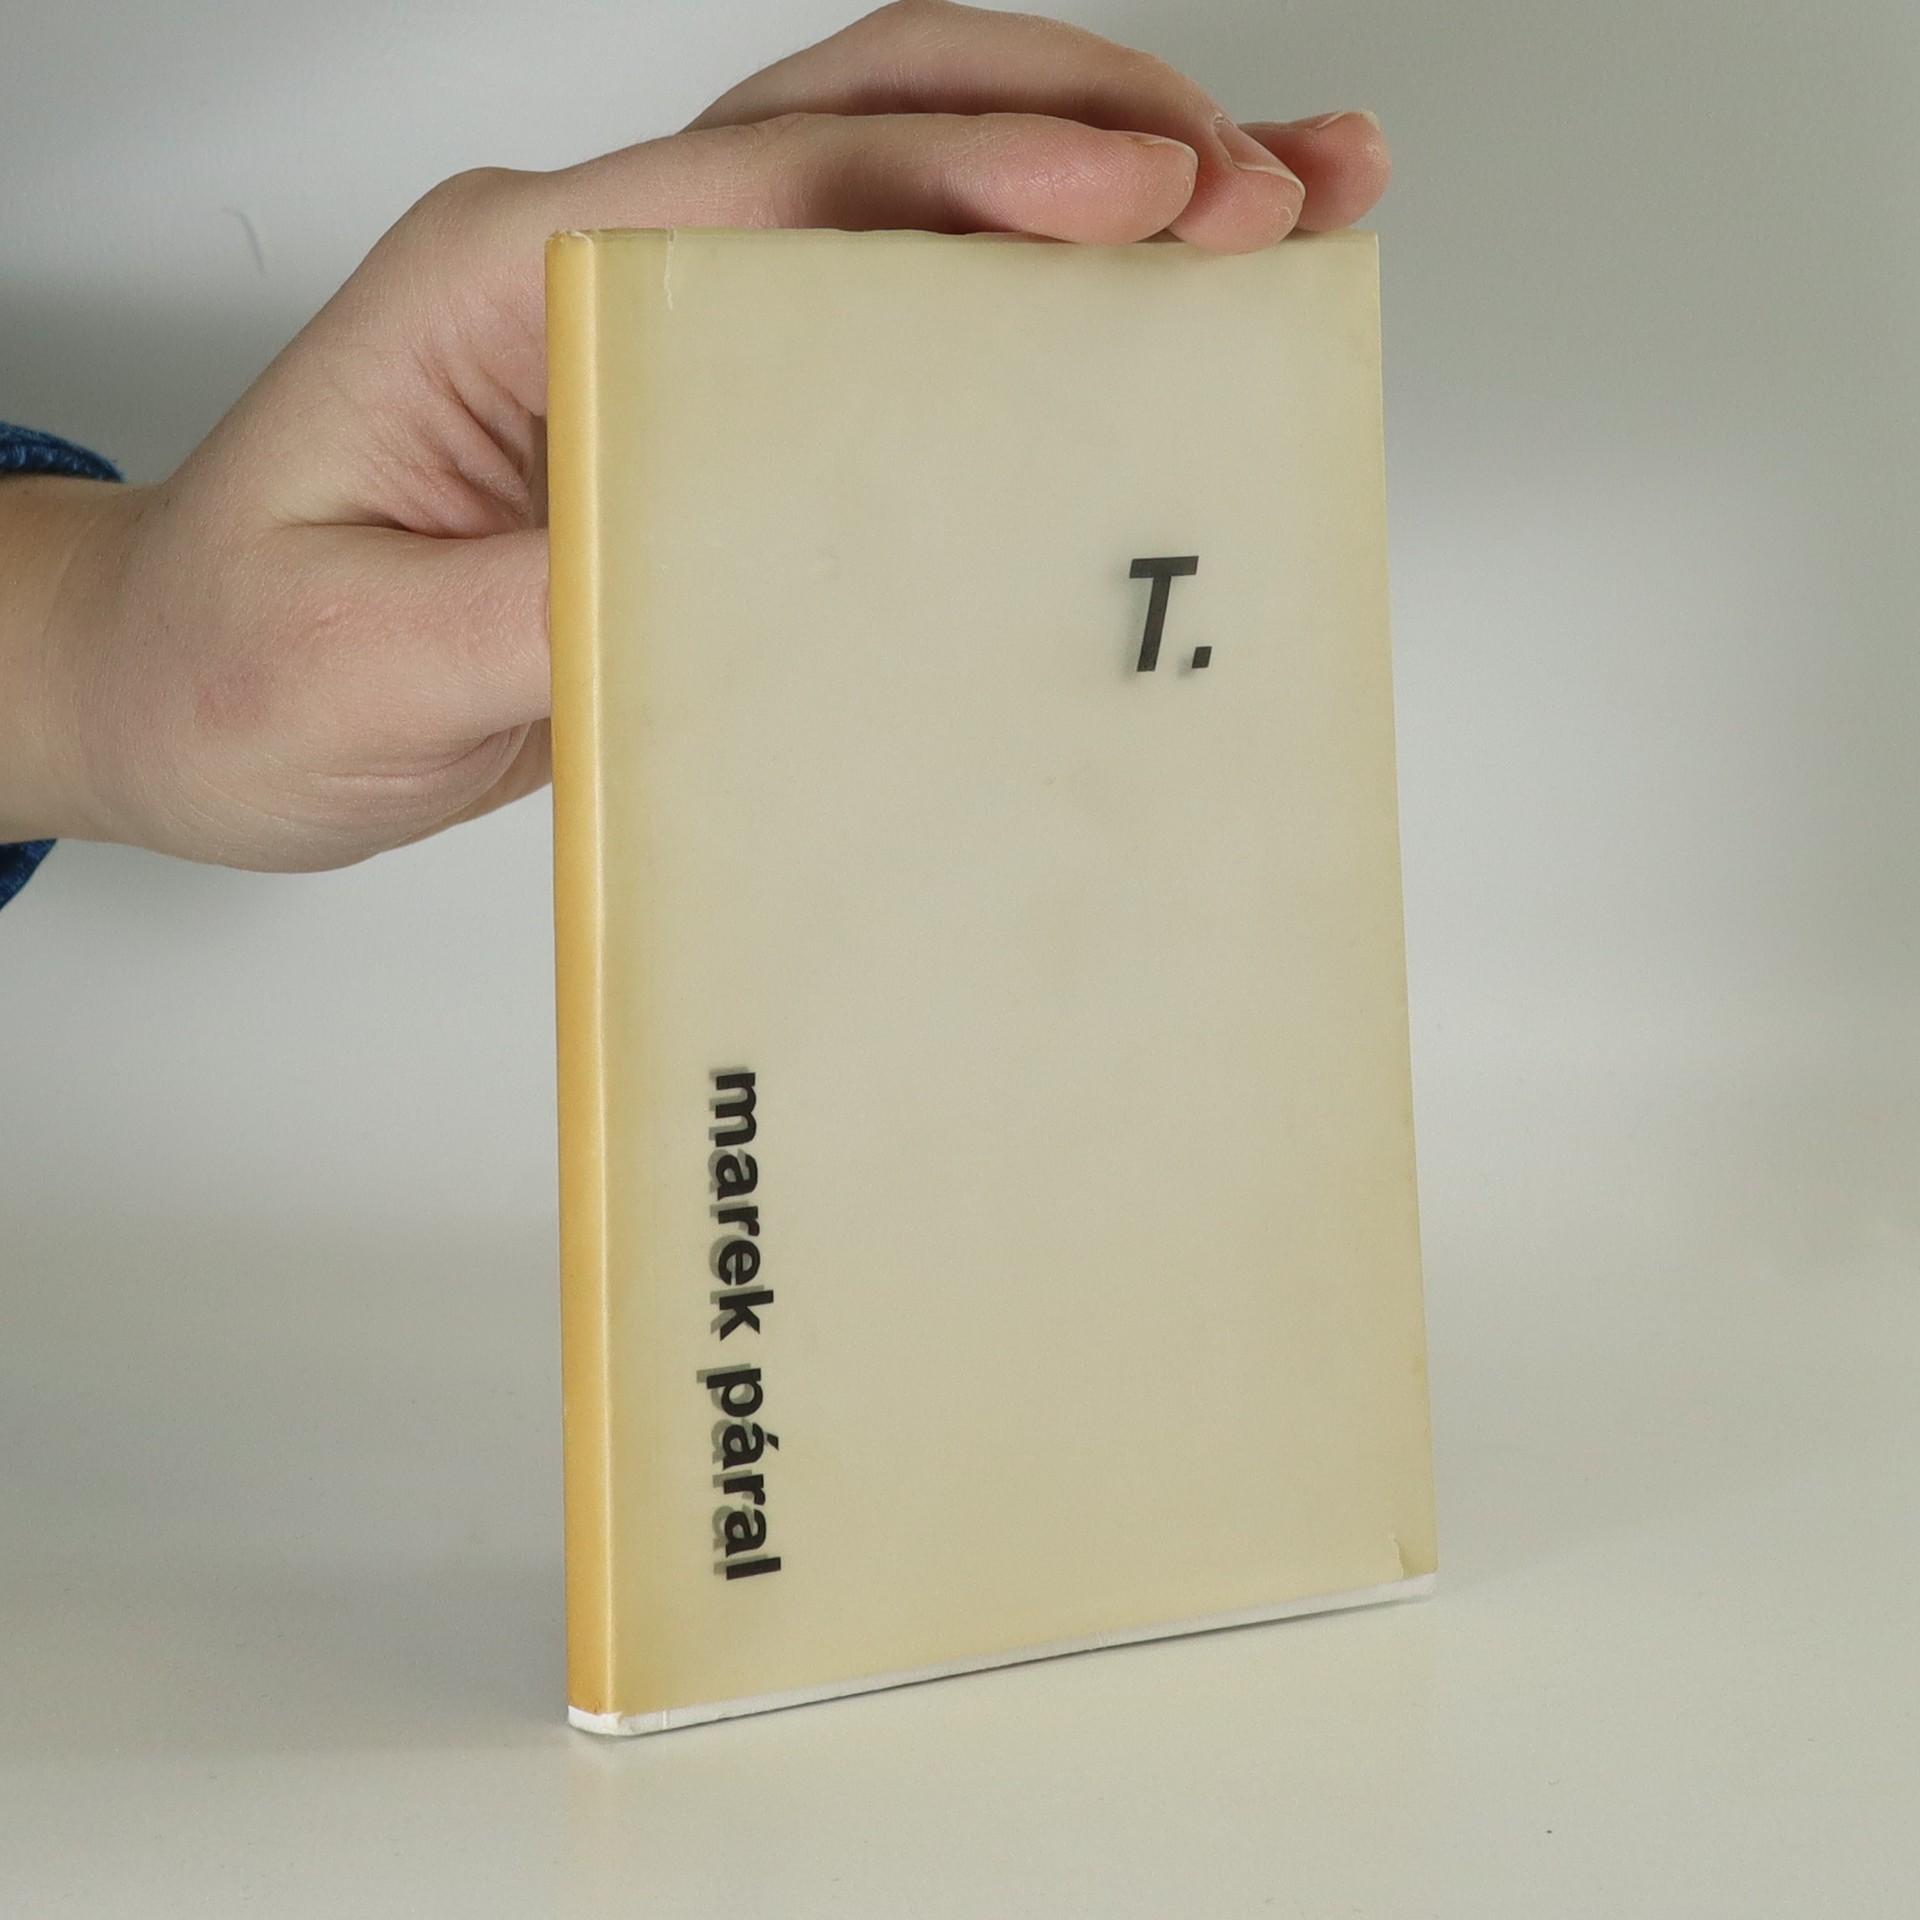 antikvární kniha T., neuveden